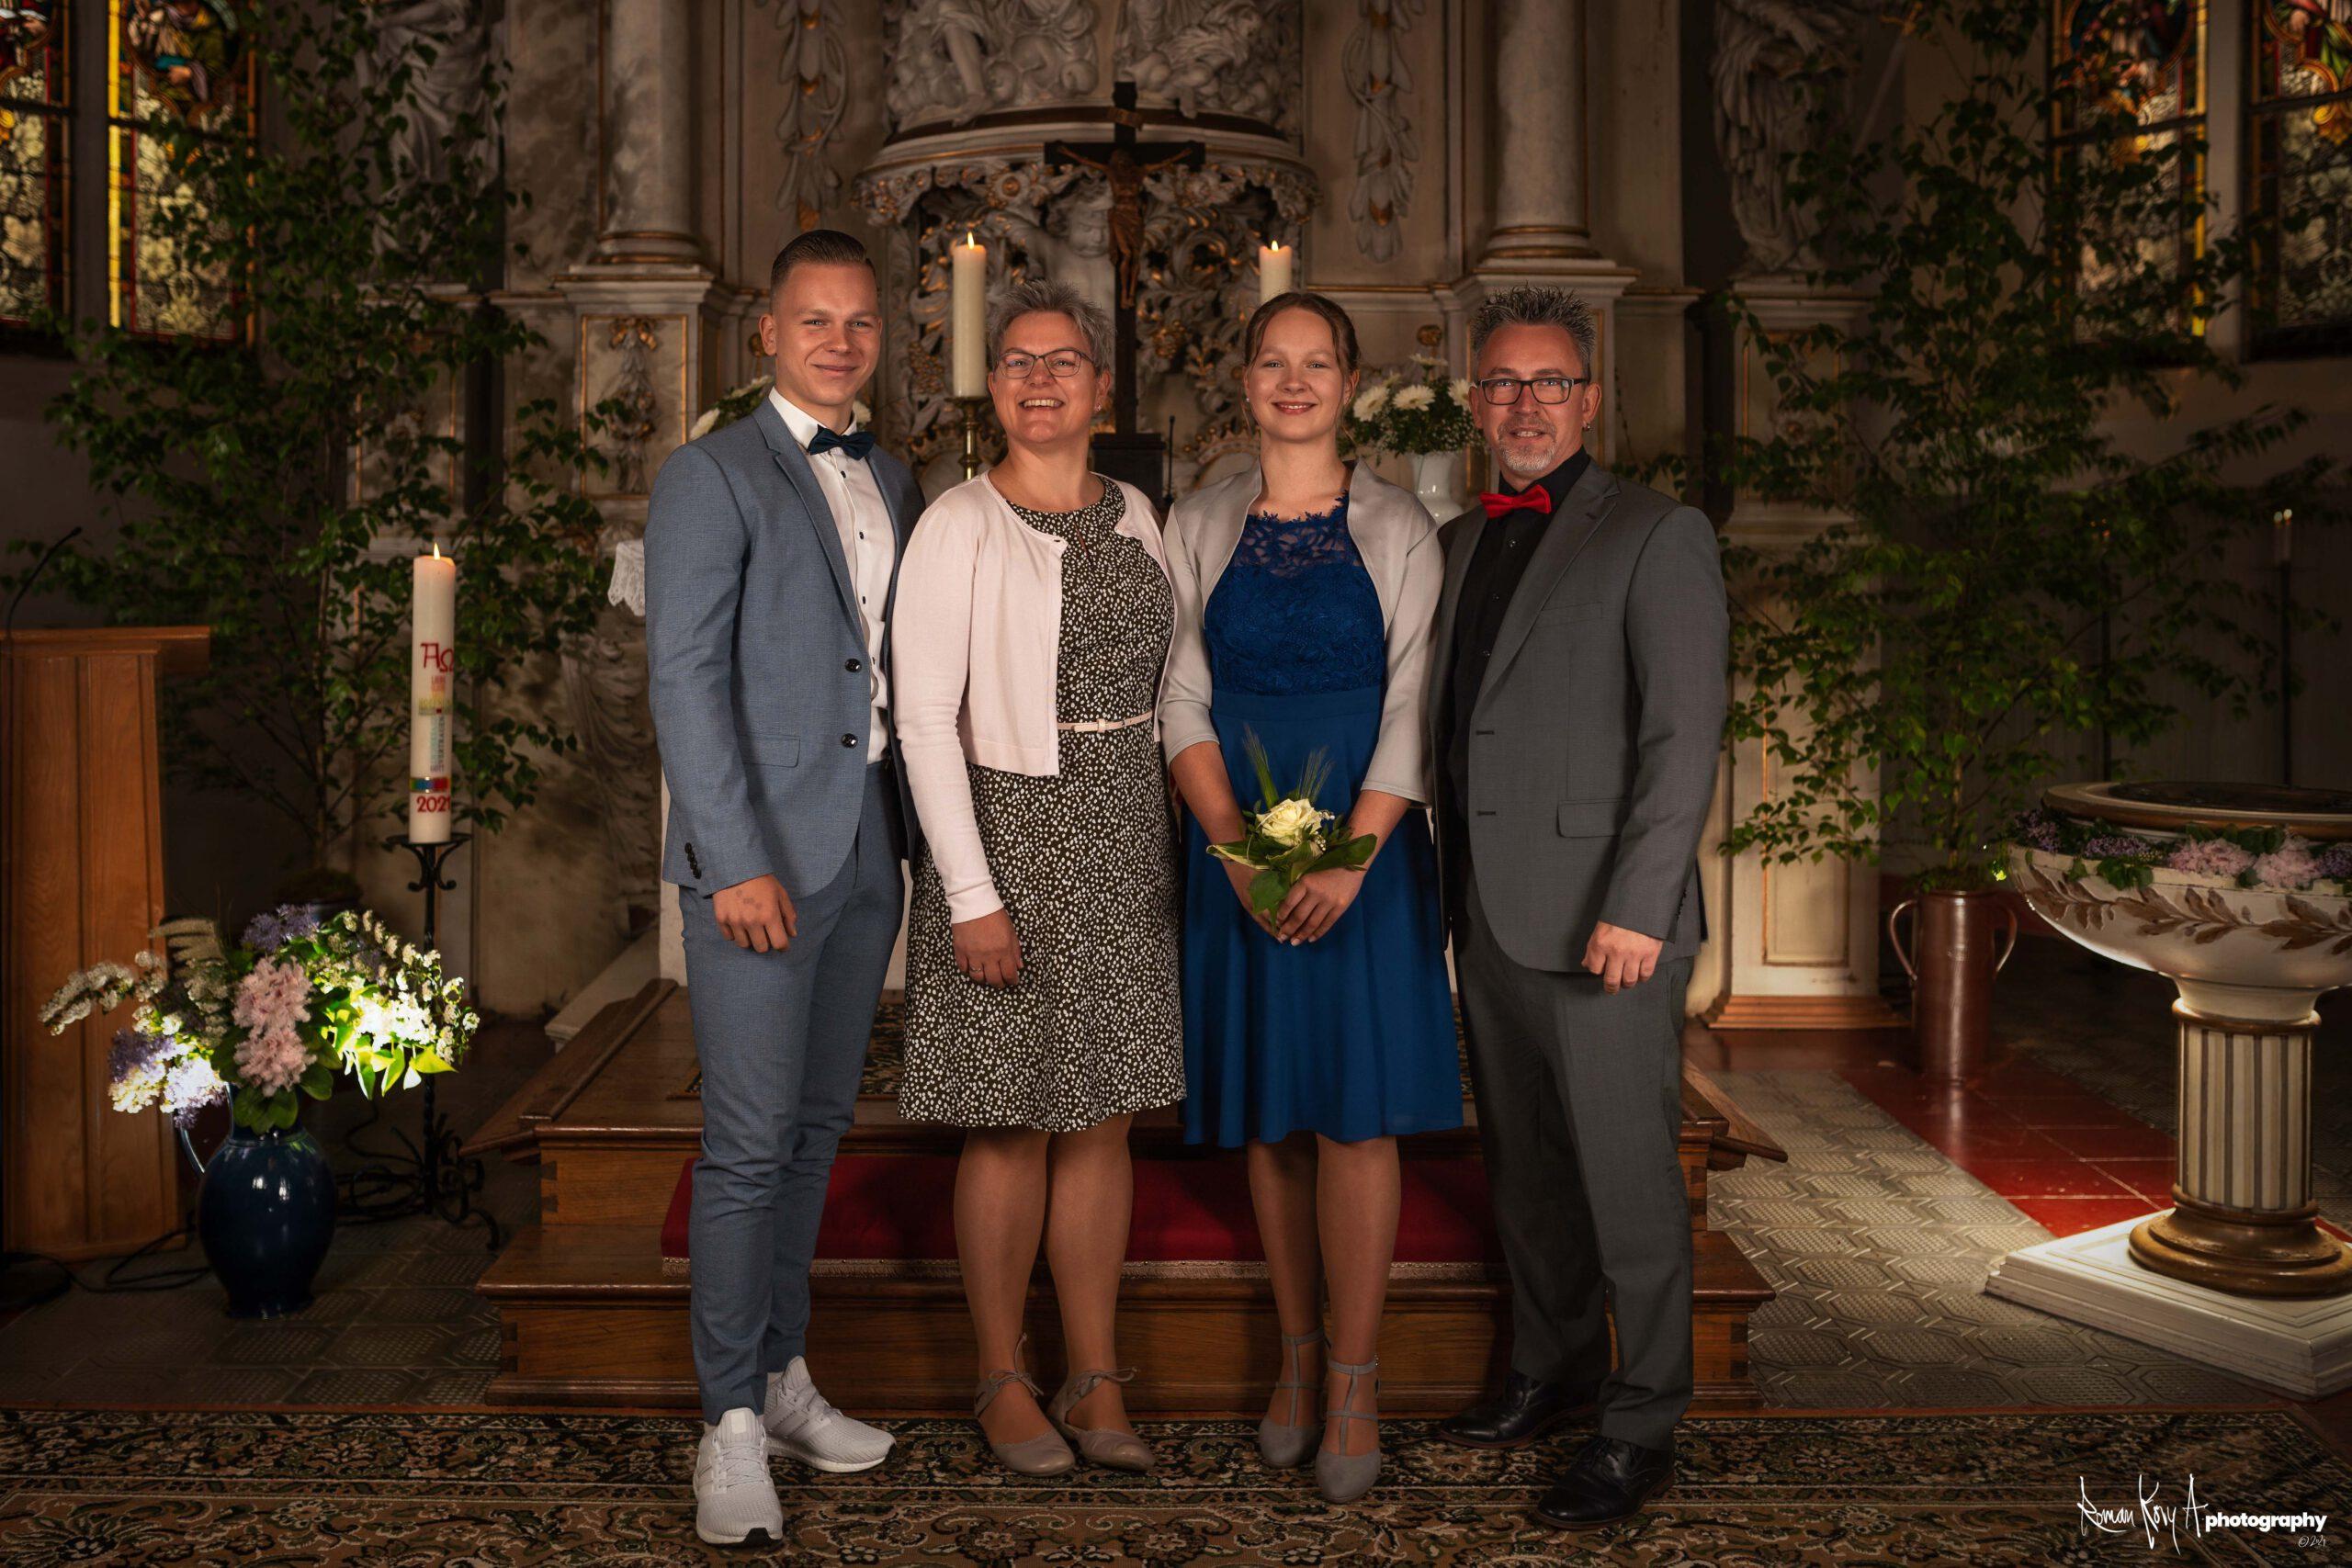 Konfirmation in der Evangelischen Kirche Milkel Mai 2021. Familienfoto vor dem Altar. Foto: Roman Koryzna / Roman Kory A Photography. © 2021